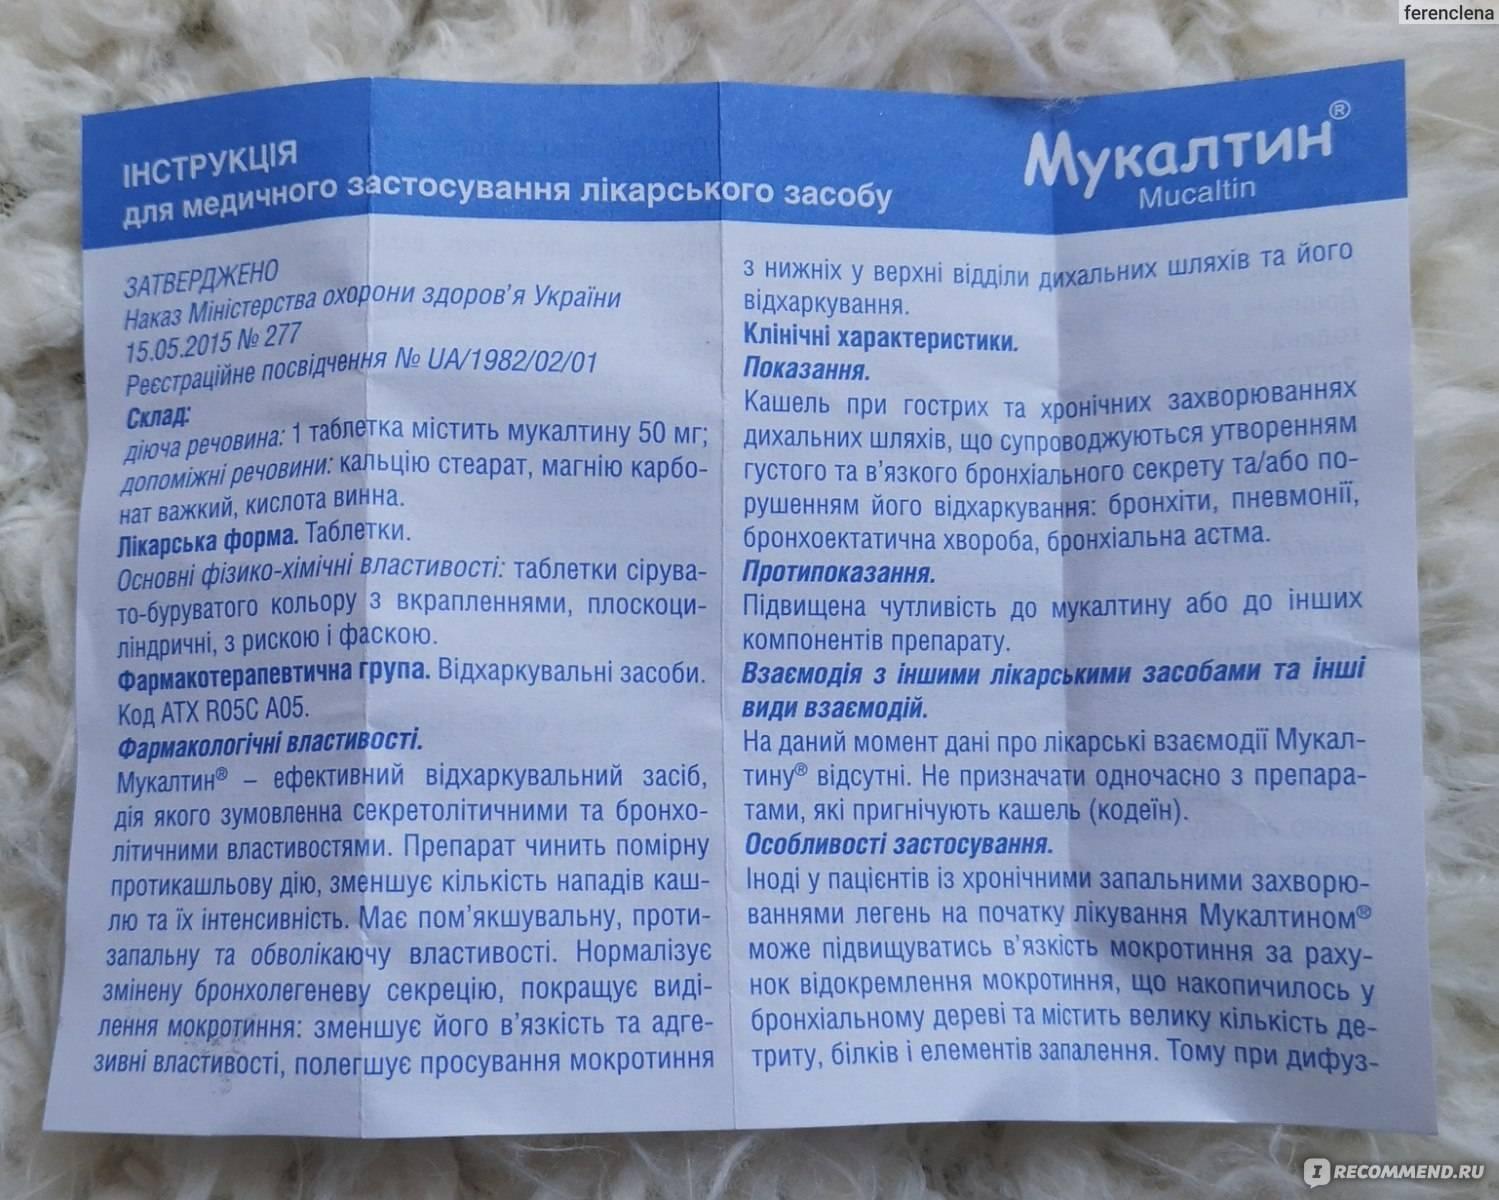 Мукалтин при грудном вскармливании: можно ли пить препарат в период лактации, оказывает ли он влияние на ребенка при гв и какие есть аналоги?